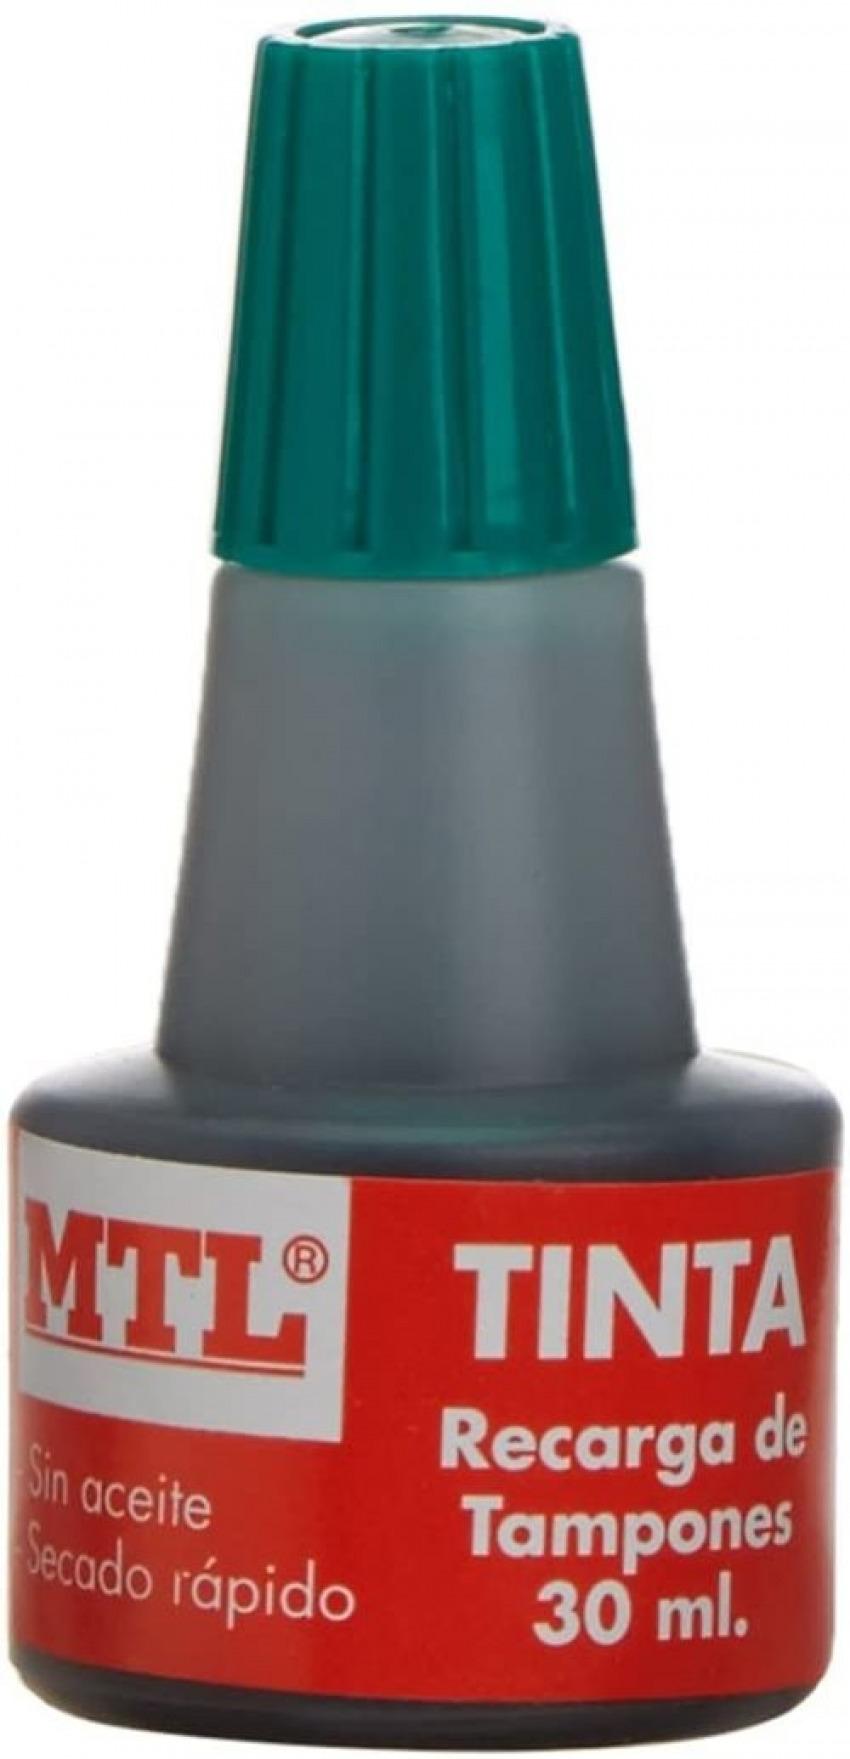 BOTELLA DE TINTA 30ML VERDE RECARGA/ENTINTADO DE TAMPON MTL 8421938795387